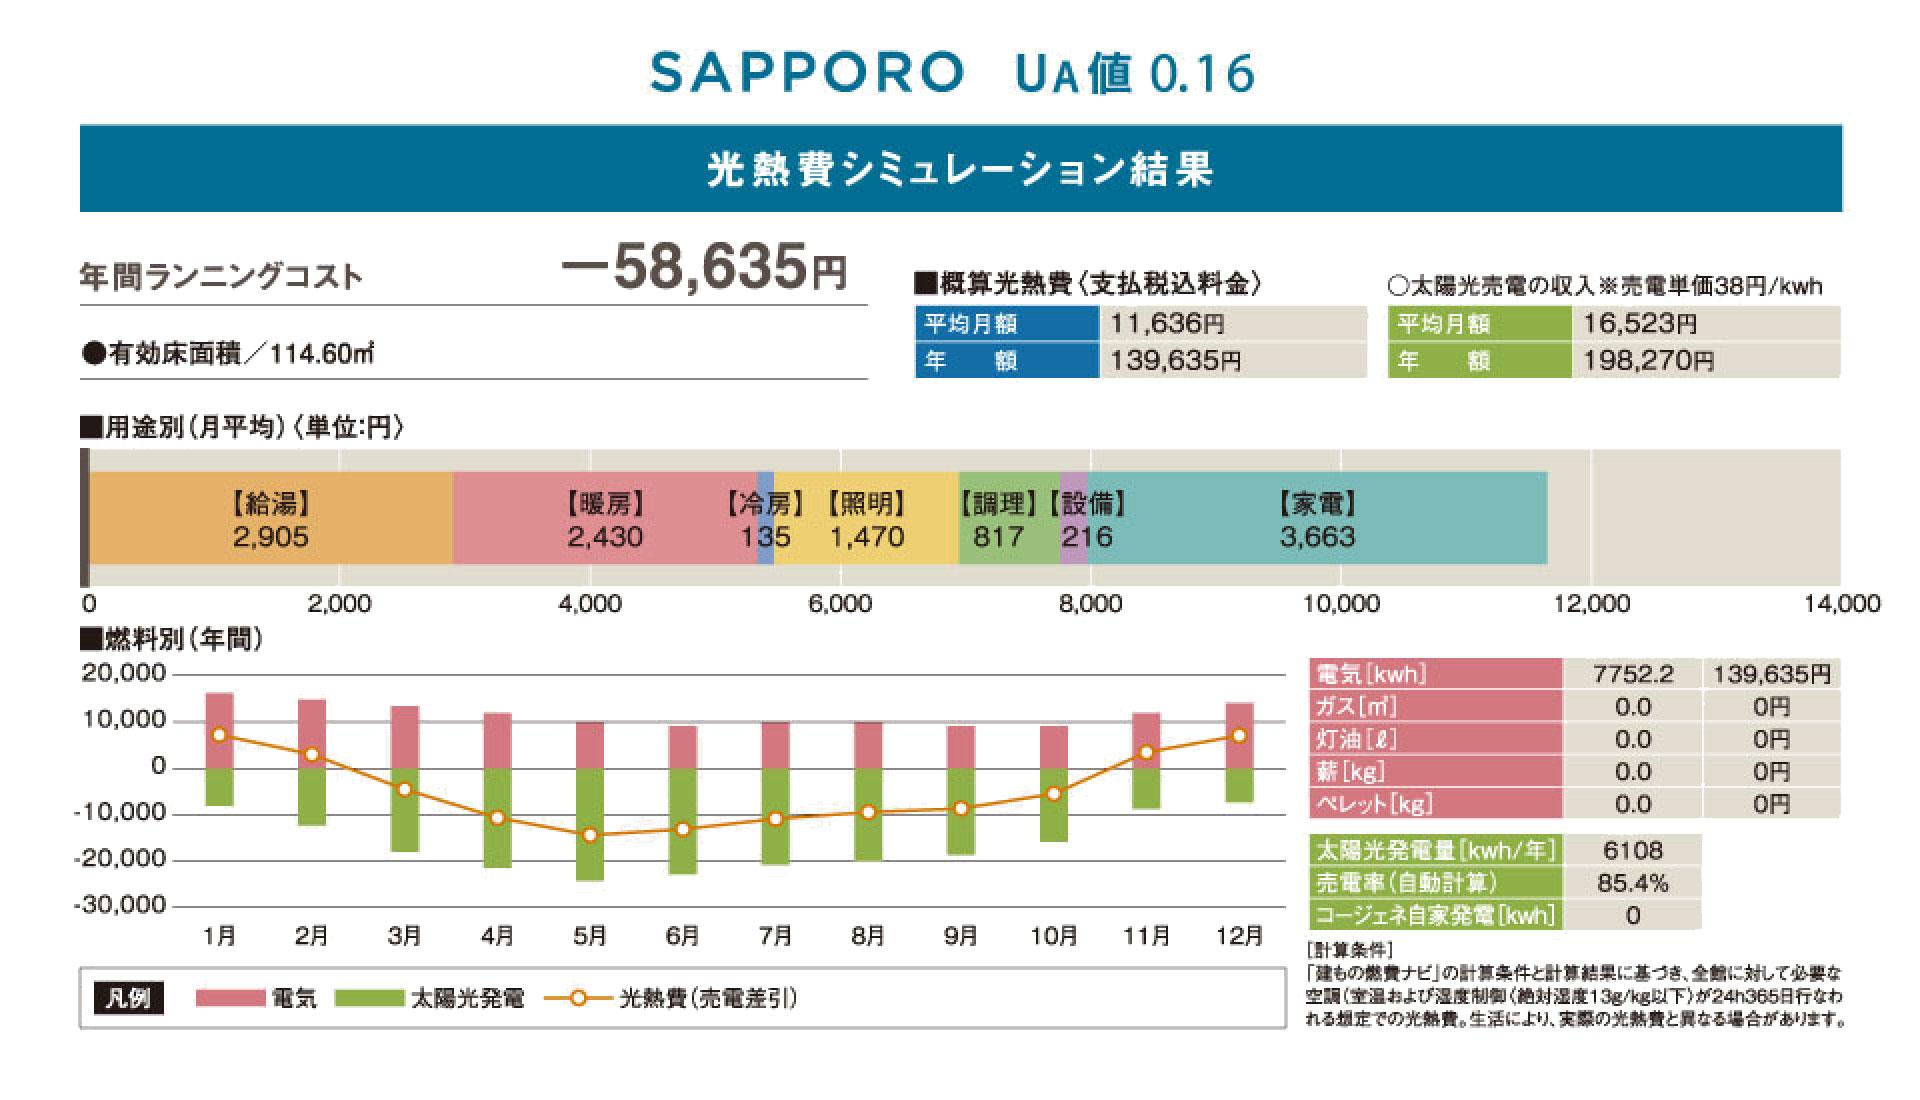 SAPPORO UA値 0.16